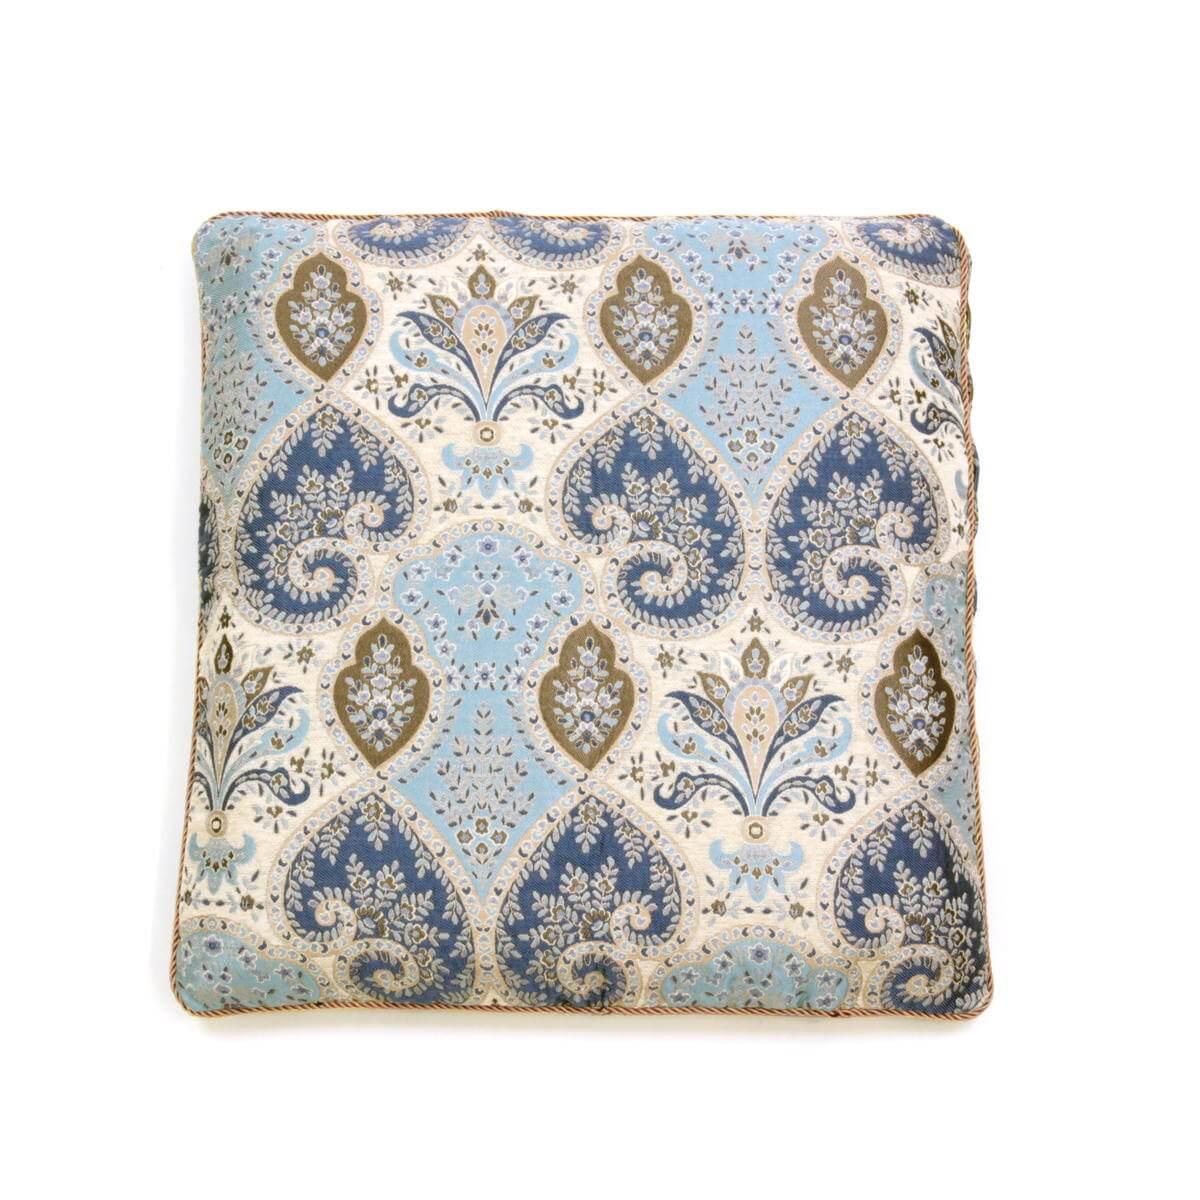 アルヴァ シリーズの座布団カバーは一般的な銘仙判サイズ用です。